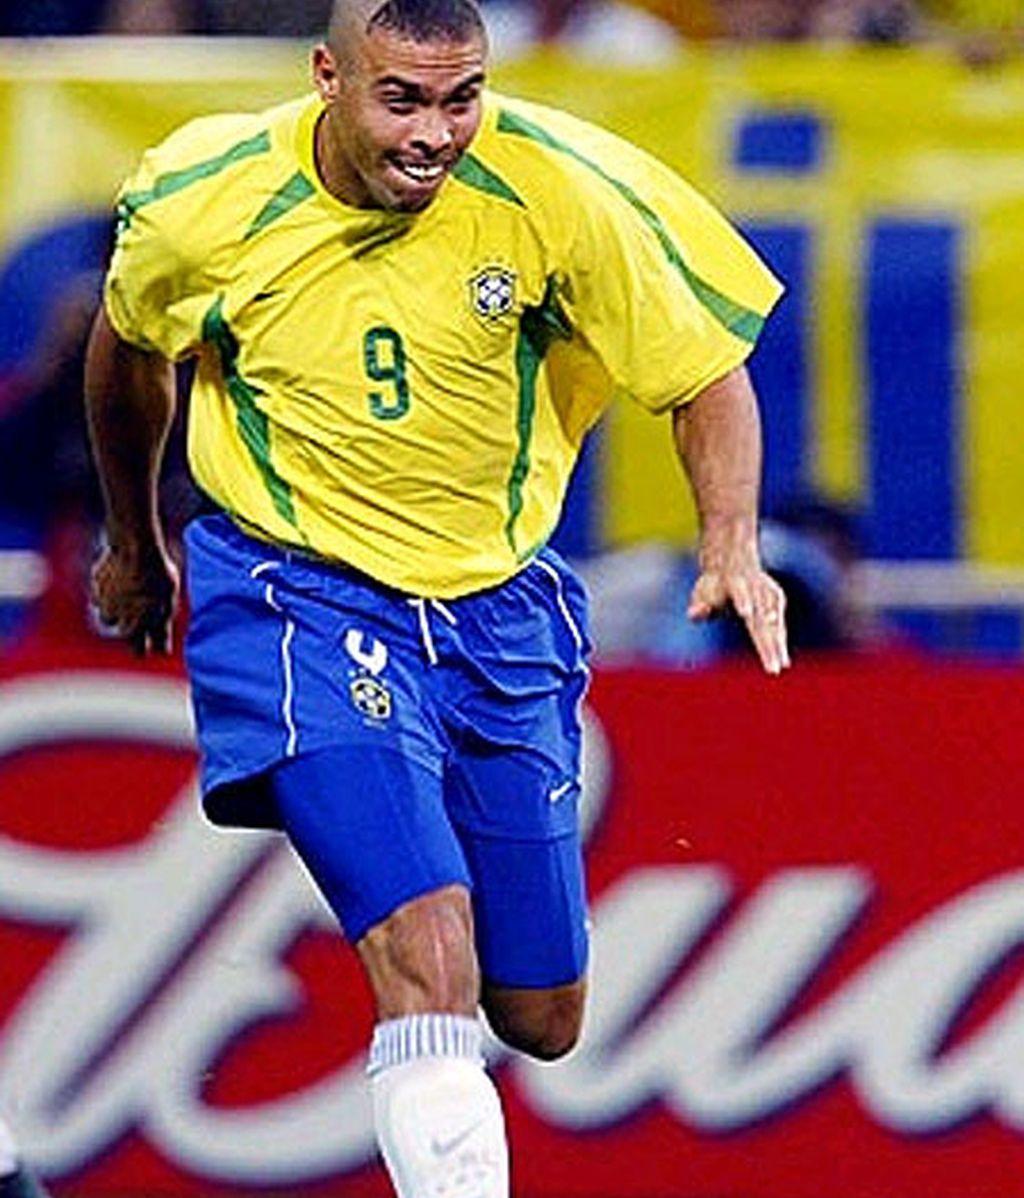 Neymar nos hace recordar otros peinados, cuanto menos, inquietantes